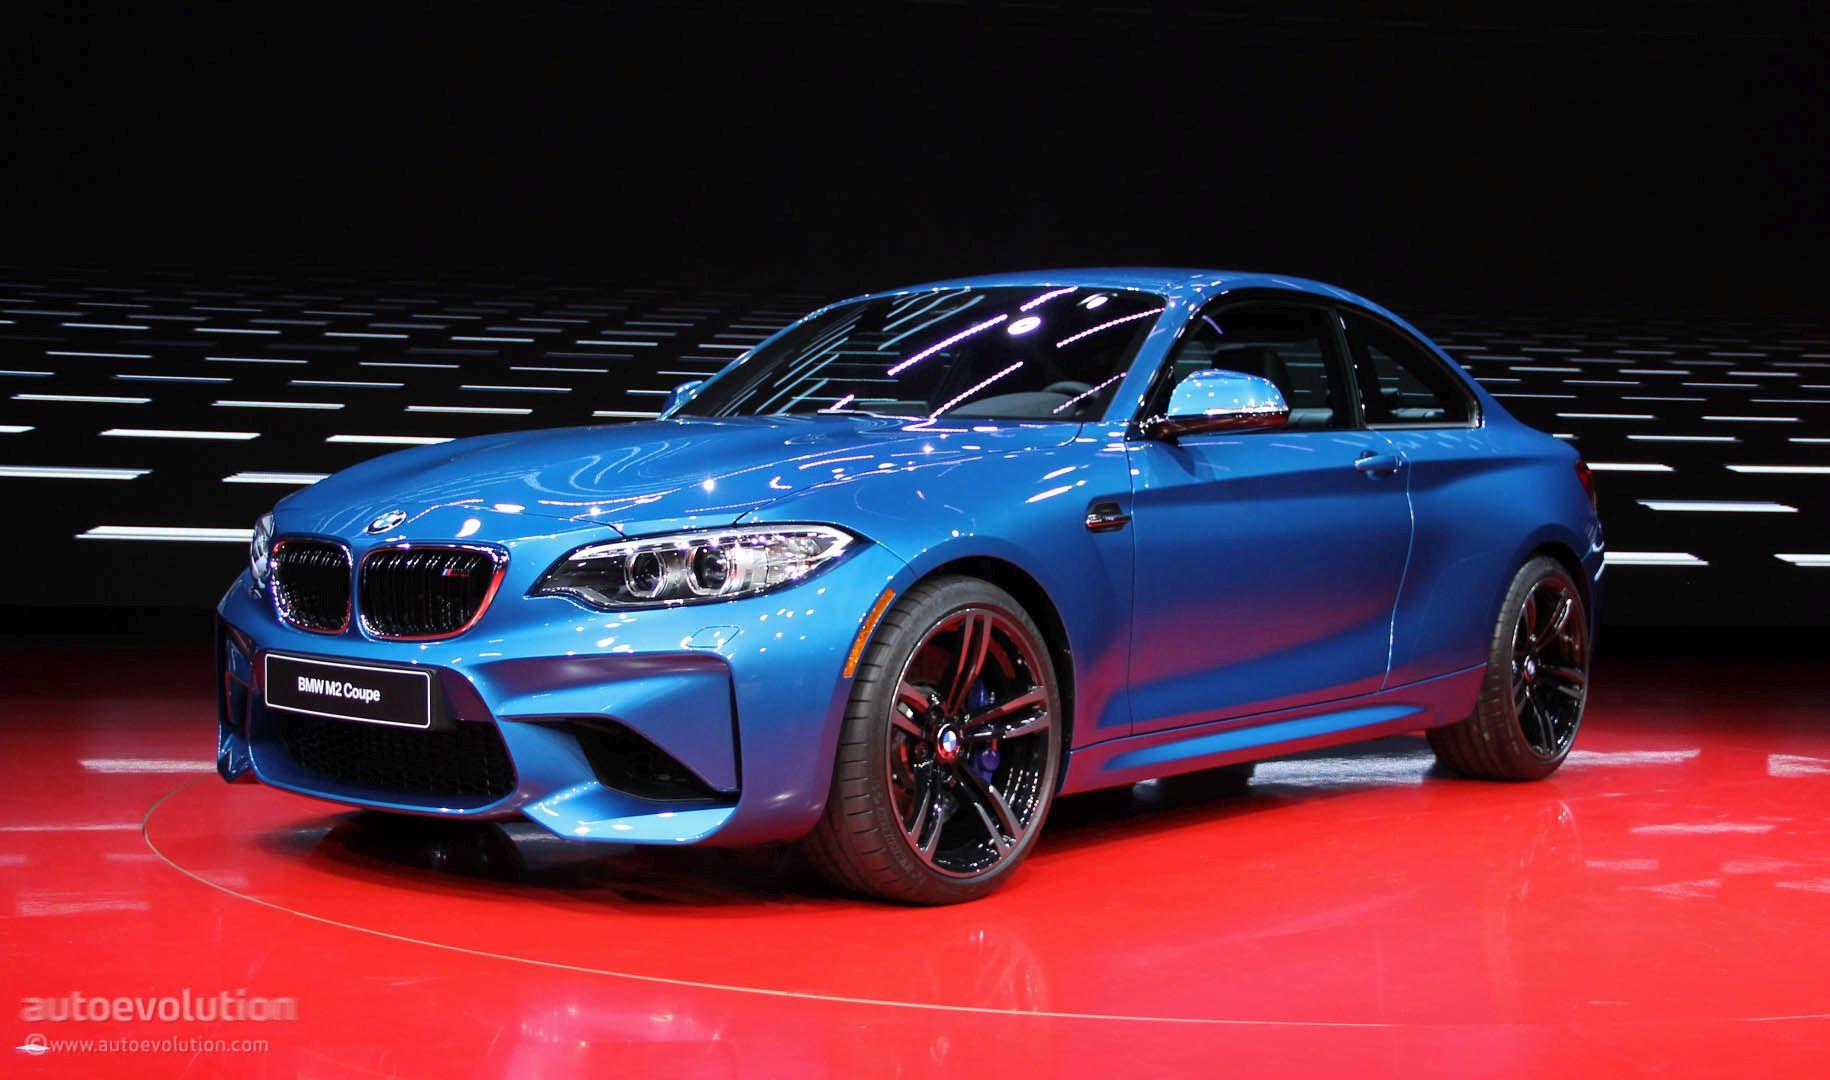 BMW M2 Makes Detroit Look like a Racetrack - autoevolution